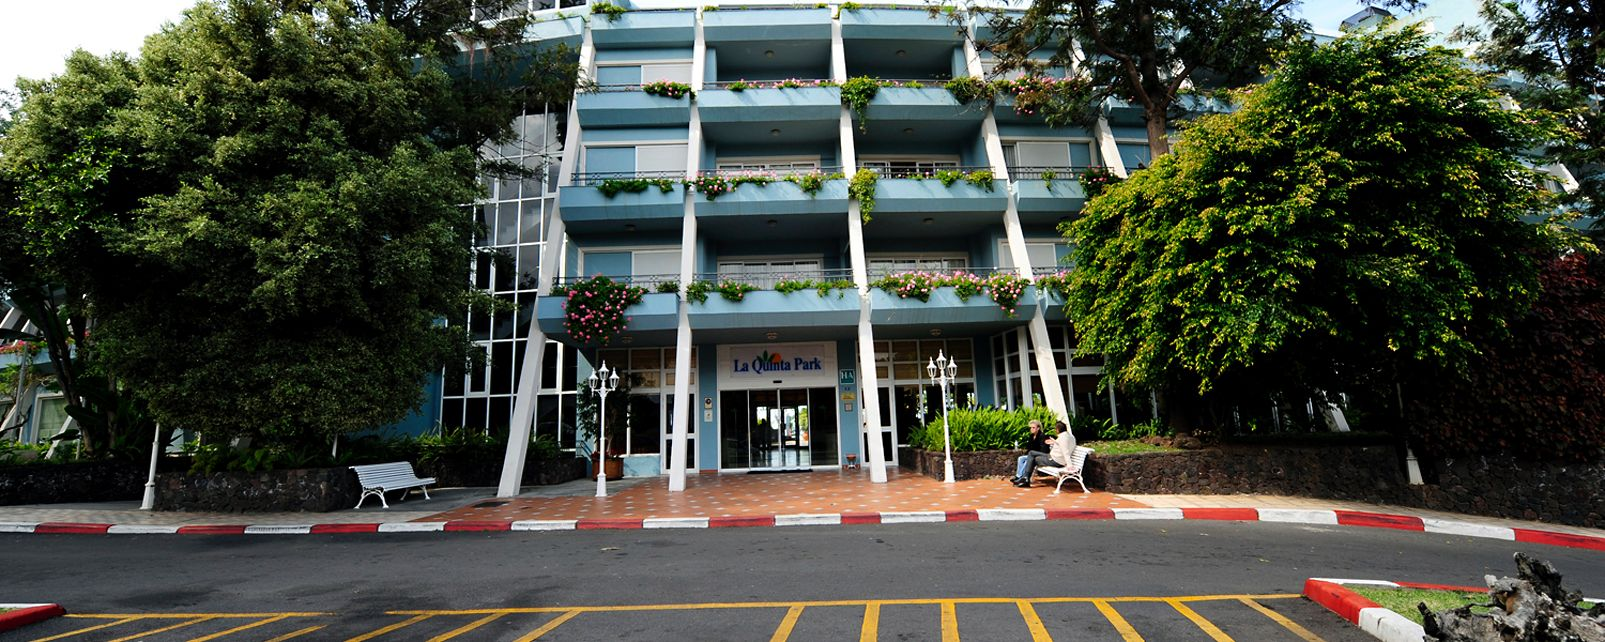 Hôtel La Quinta Park Suites